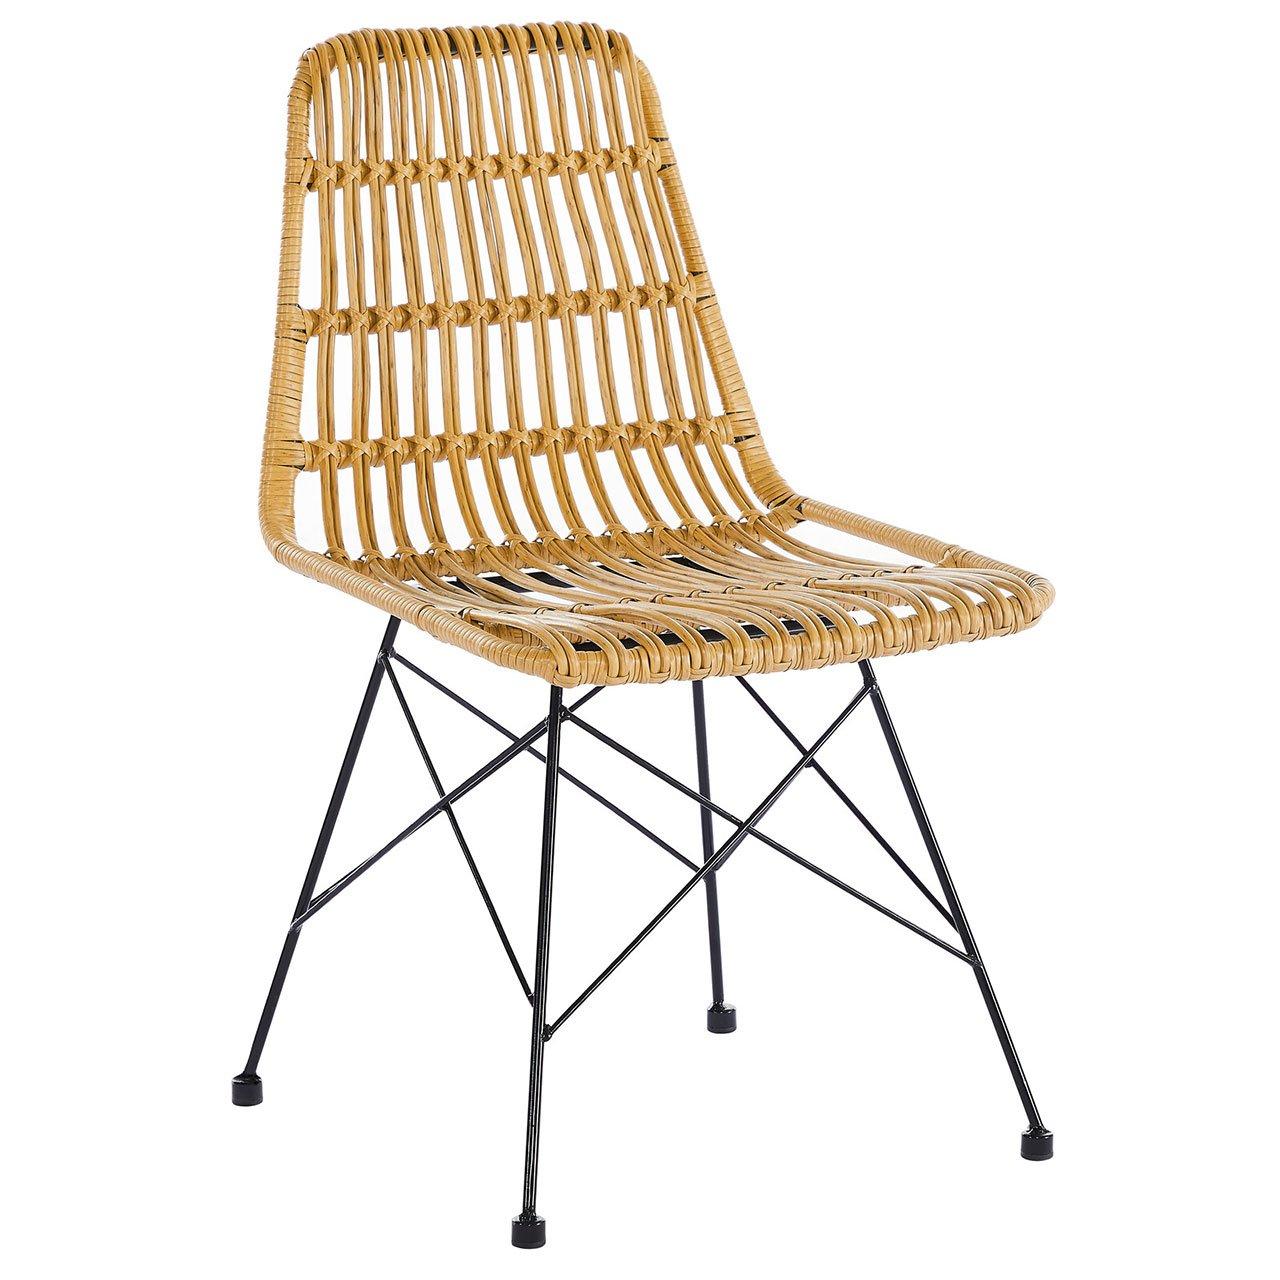 Sada 2 ks: Dřevěná židle